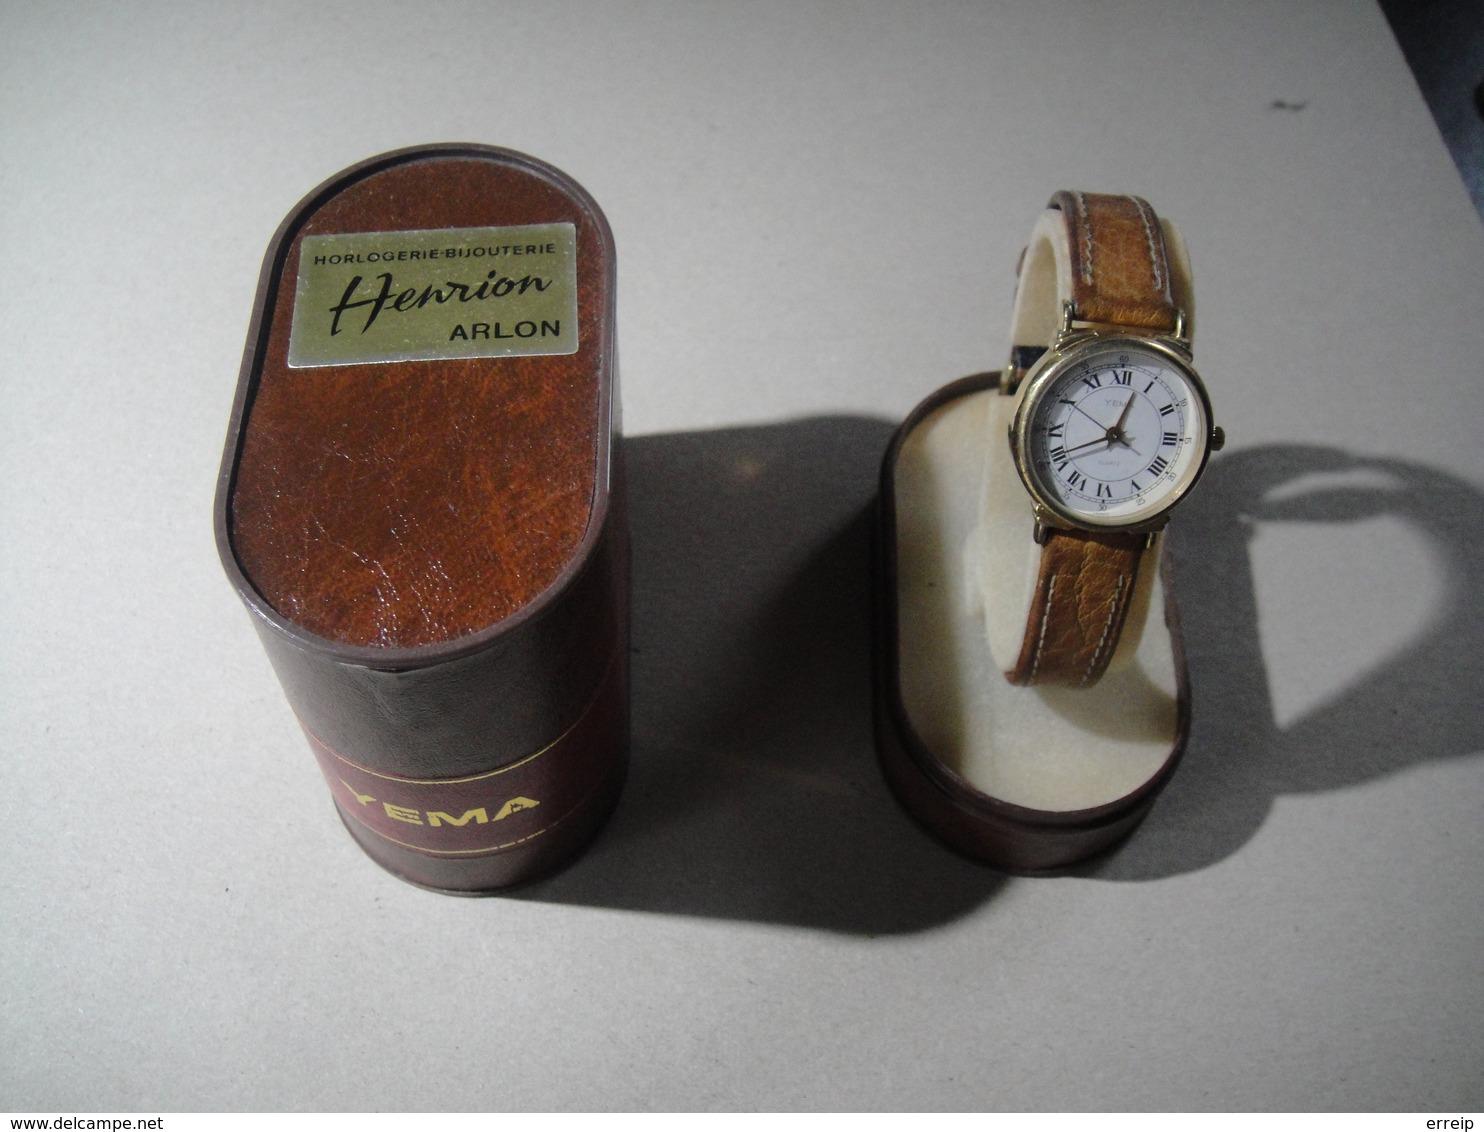 Montre YEMA Fonctionne Très Bien Avec Boite Et Certificat De Garantie Vendue à Arlon Chez Henrion 1990 - Horloge: Juwelen